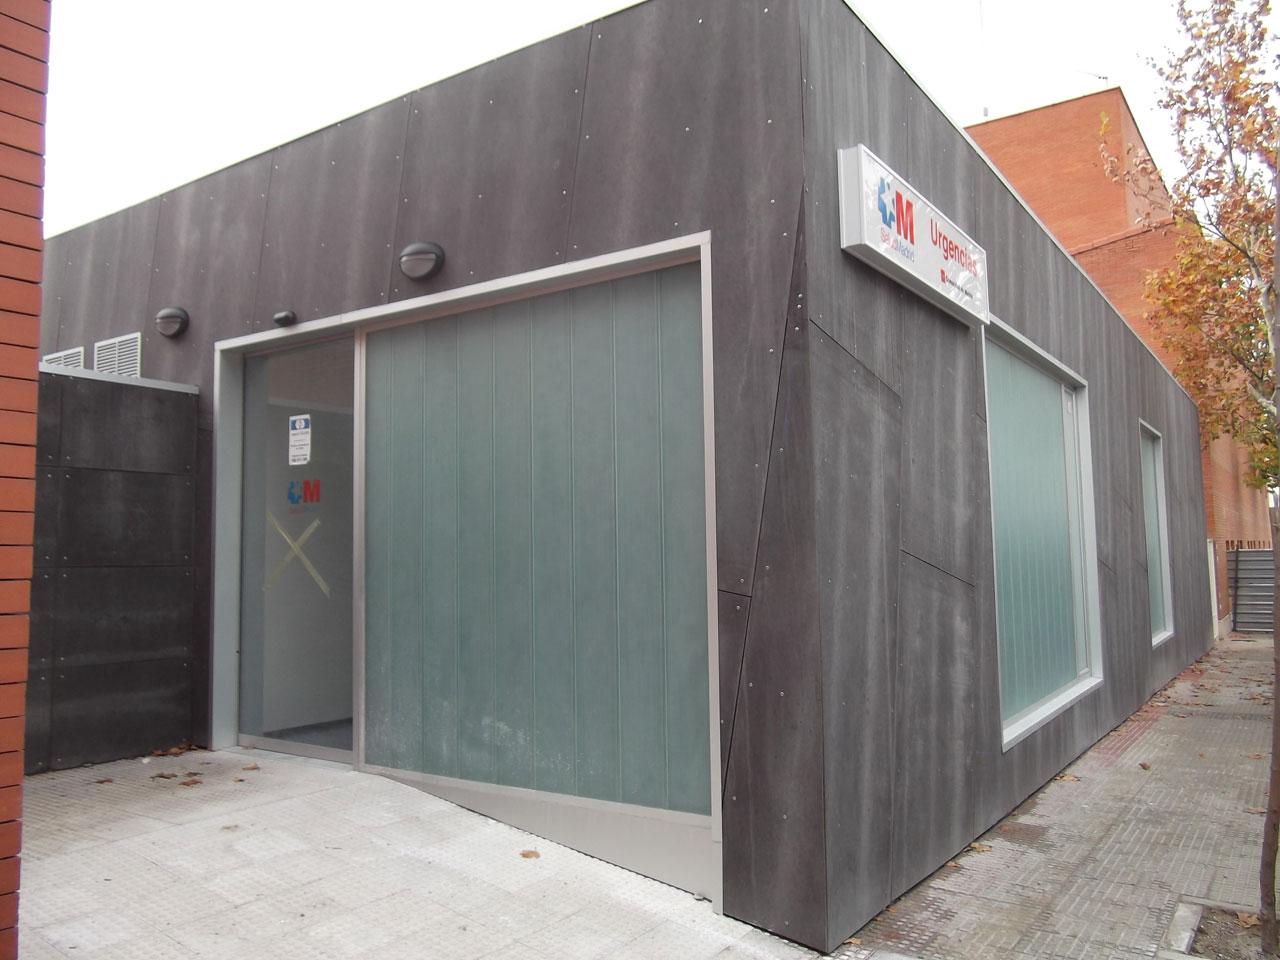 Obras de ampliación del Centro de Salud de Villanueva del Pardillo, Madrid